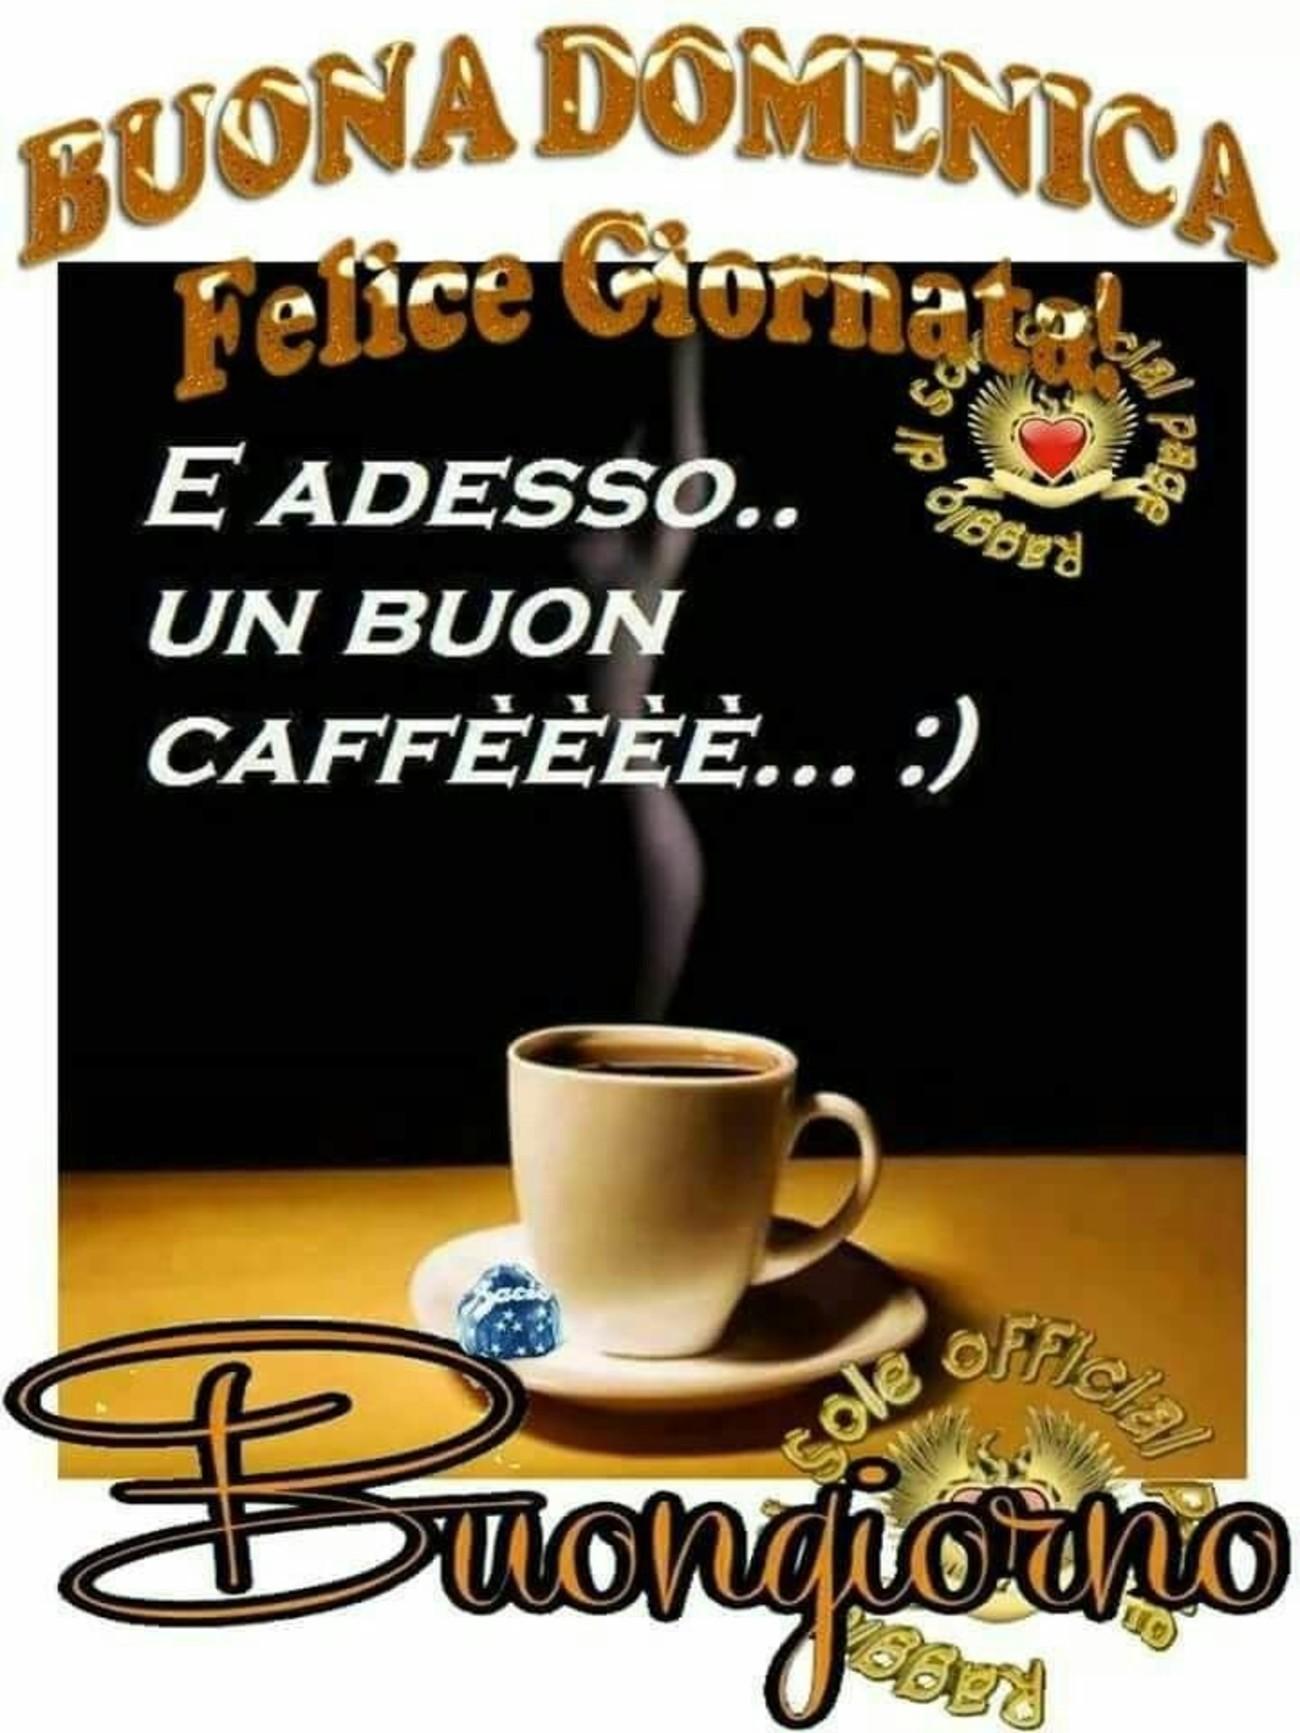 Buona Domenica, Felice Giornata... e adesso un buon caffè !!! :)